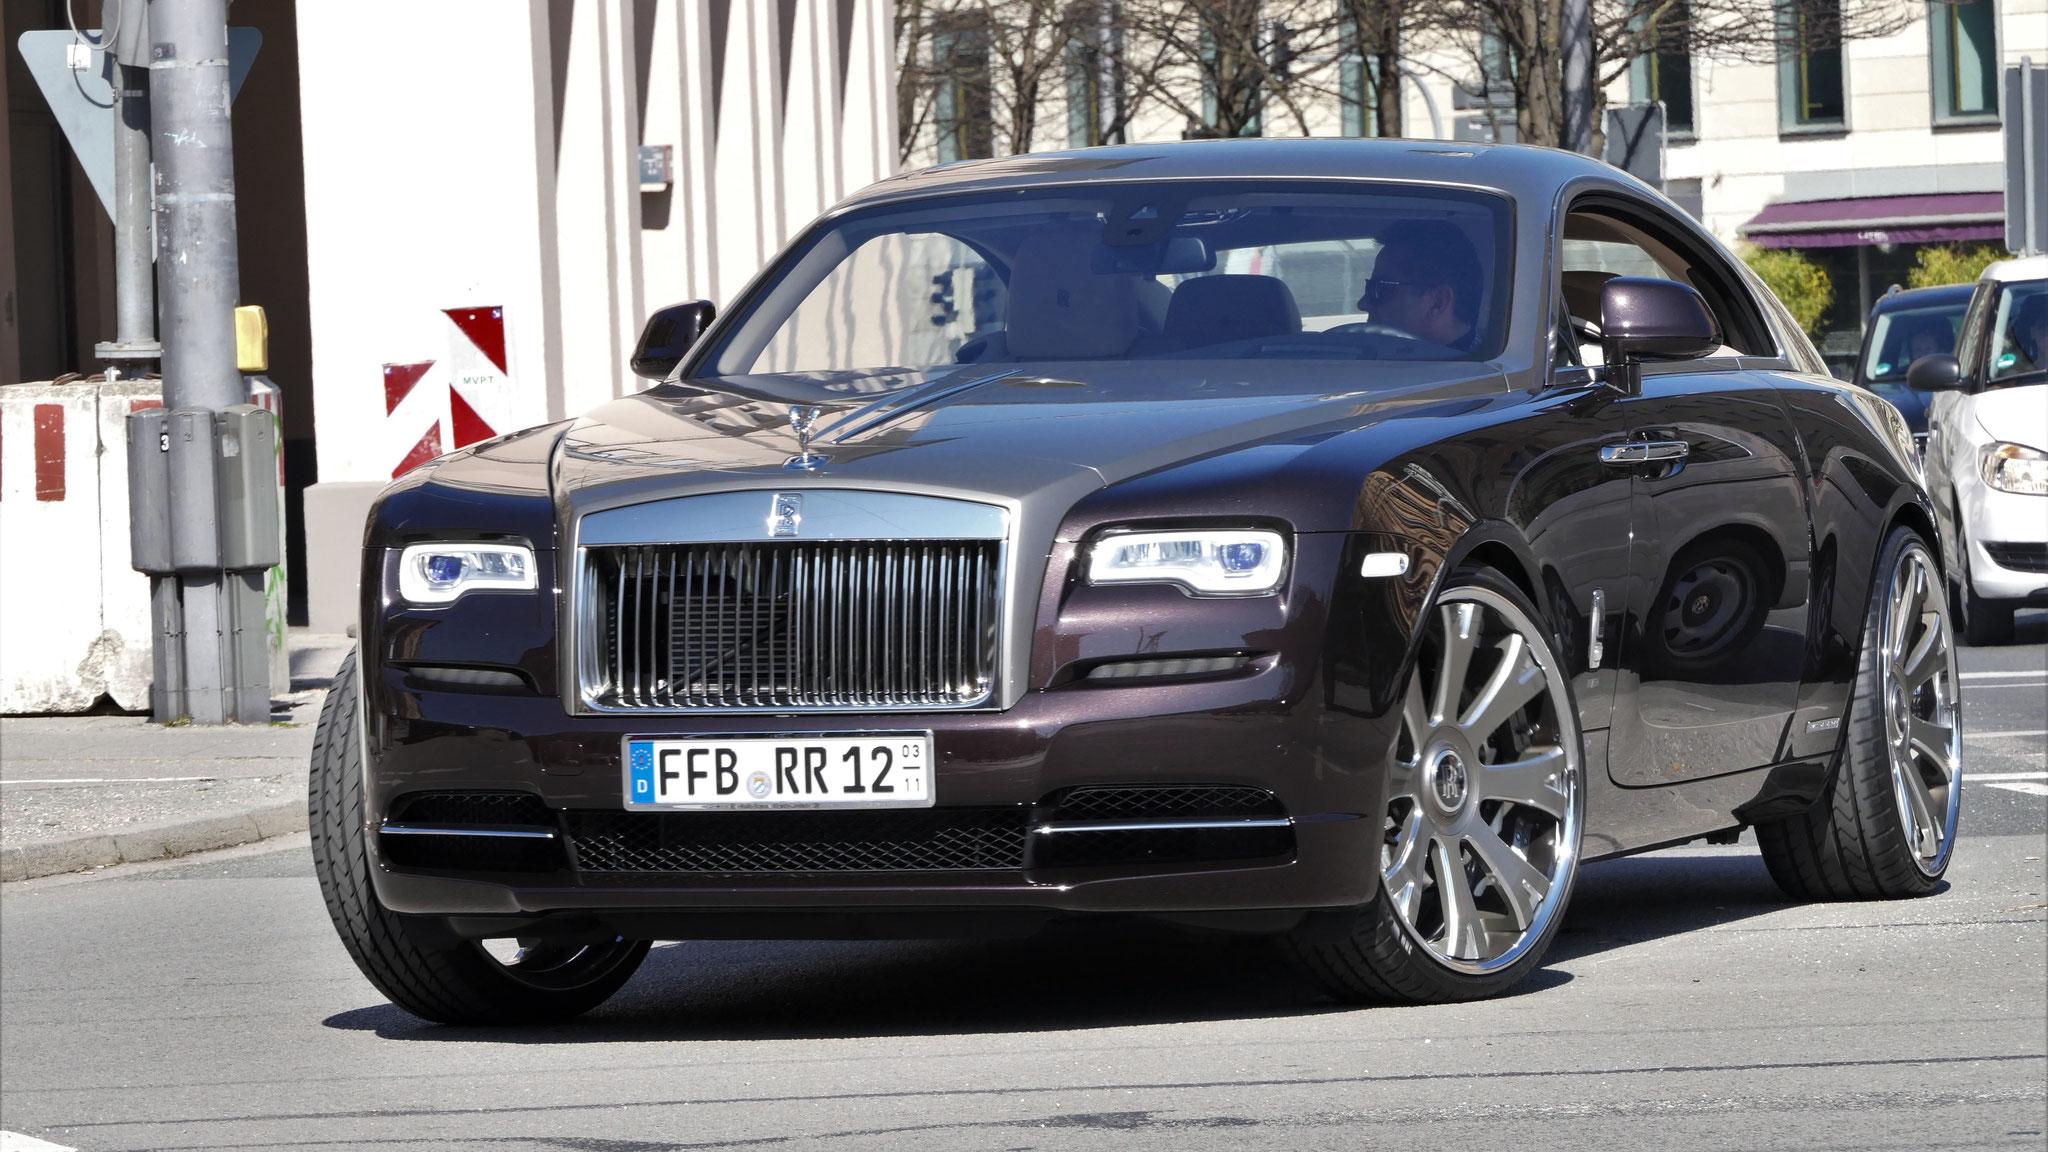 Rolls Royce Wraith - FFB-RR-12